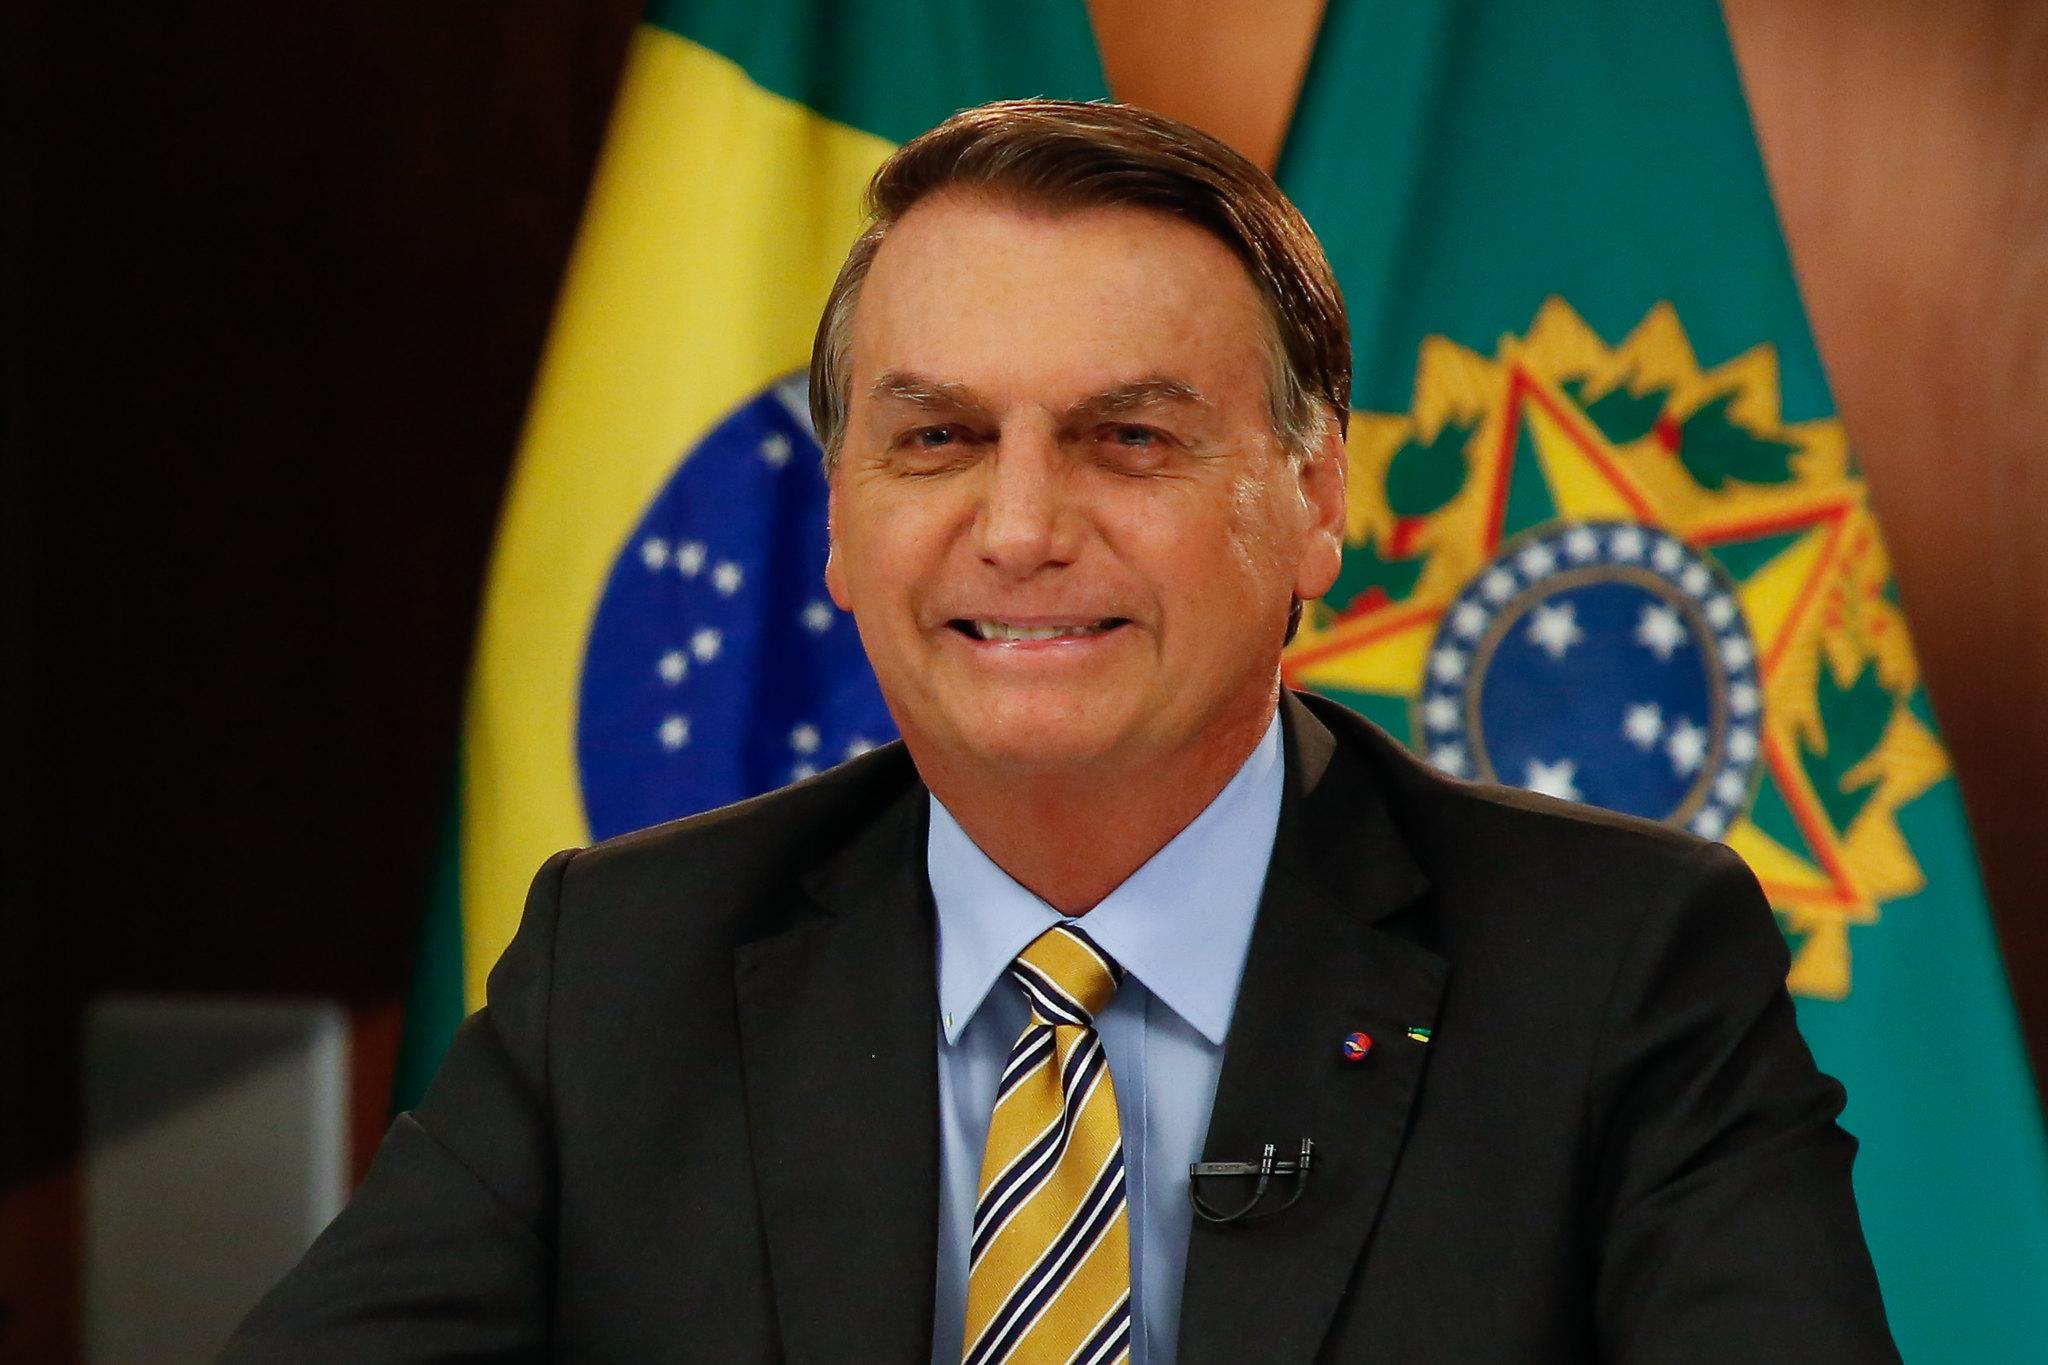 'Para Maduro e Fernández não tem vacina', diz Bolsonaro